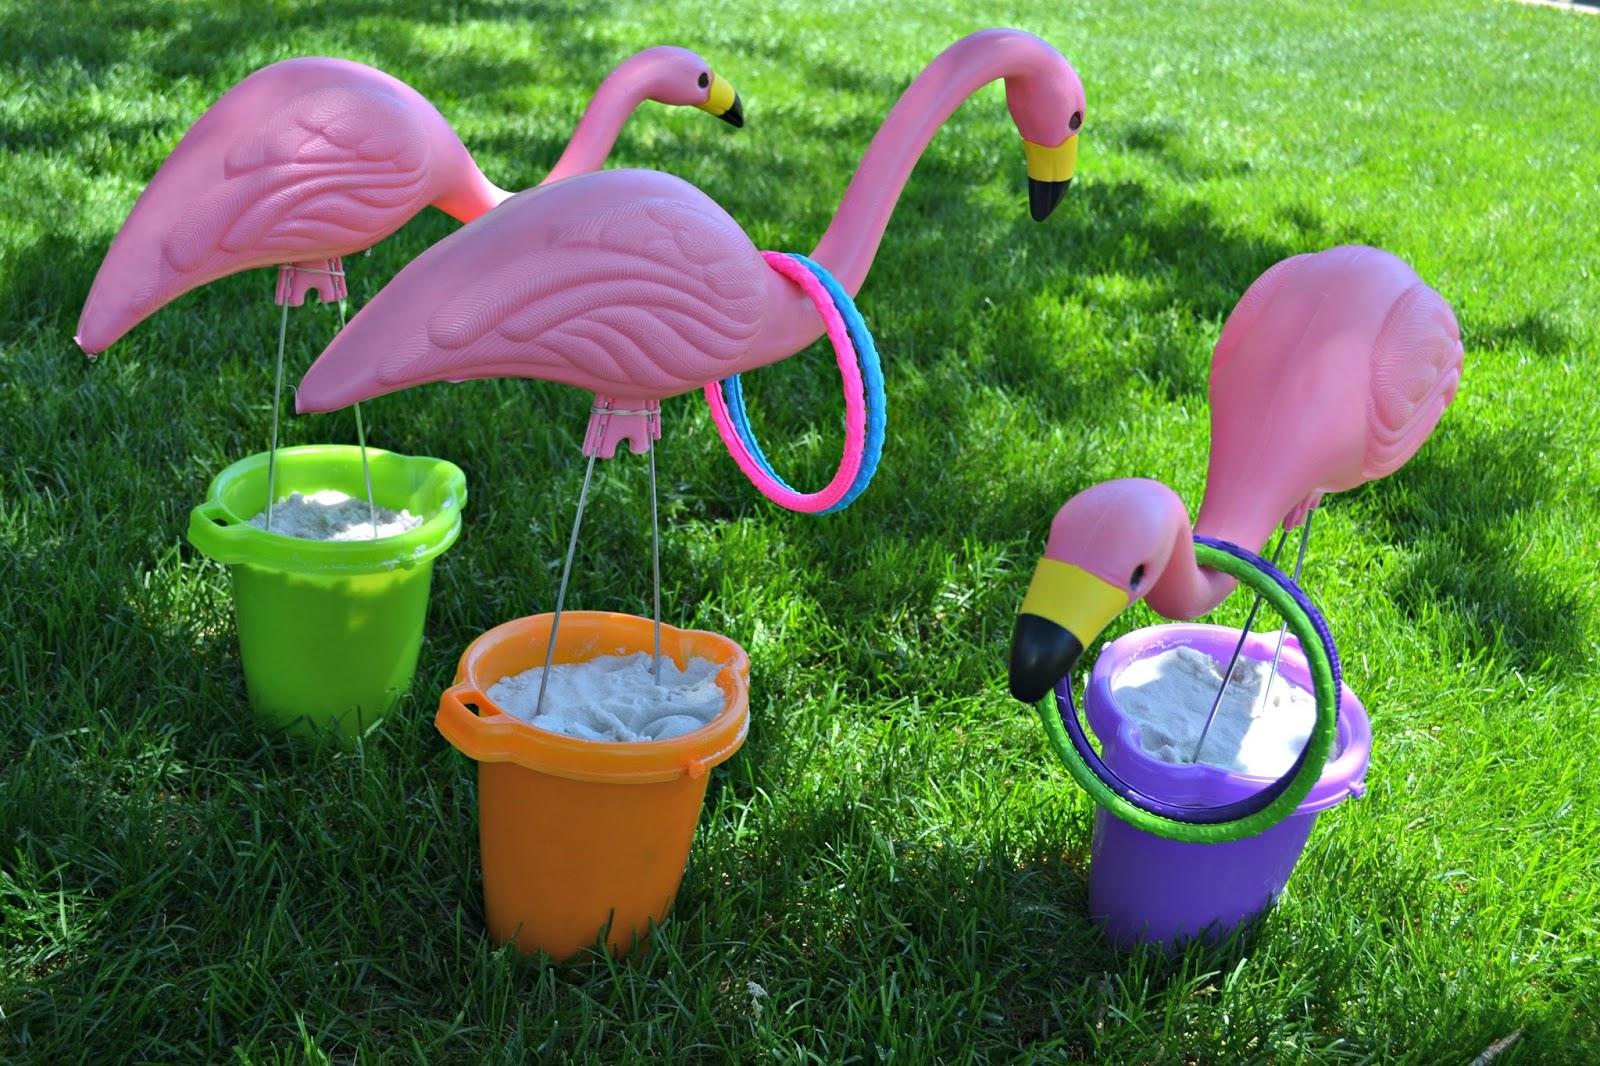 Ring toss games for kids - Summertime Flamingo Ring Toss Flamingo Ring Toss Diy Flamingo Ring Toss Ring Toss